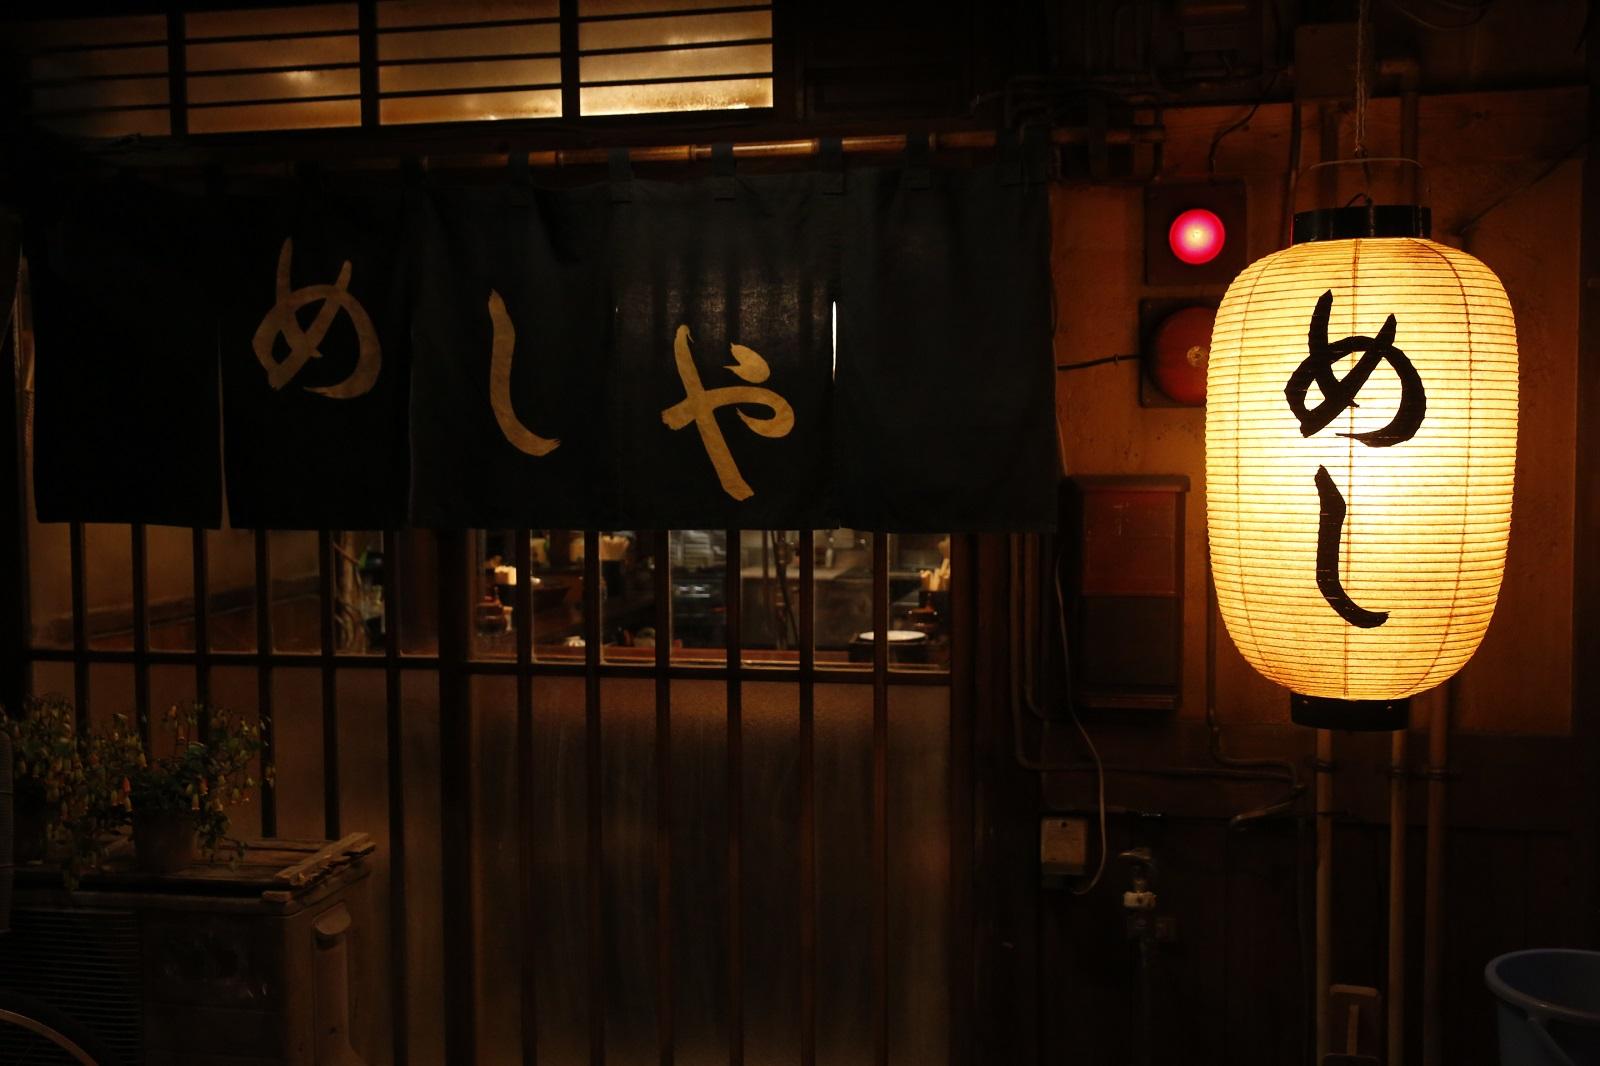 预告片 | 经典归来,《深夜食堂:东京故事》10月20日首播-乌贼派